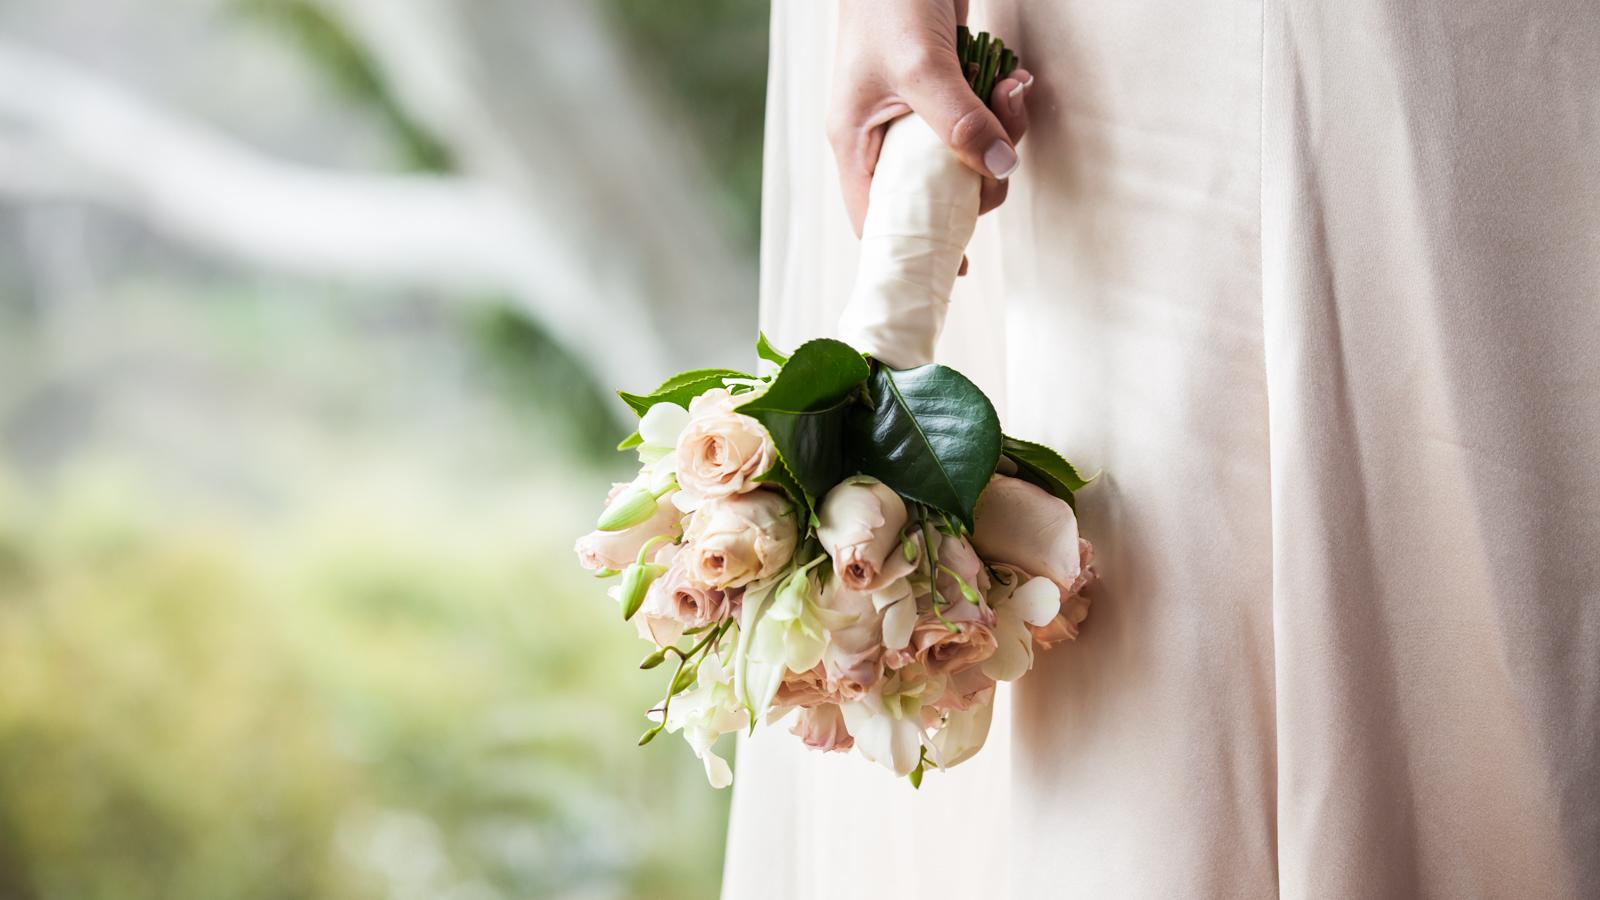 Wedding Flowers Melbourne Australia Simon Pollock